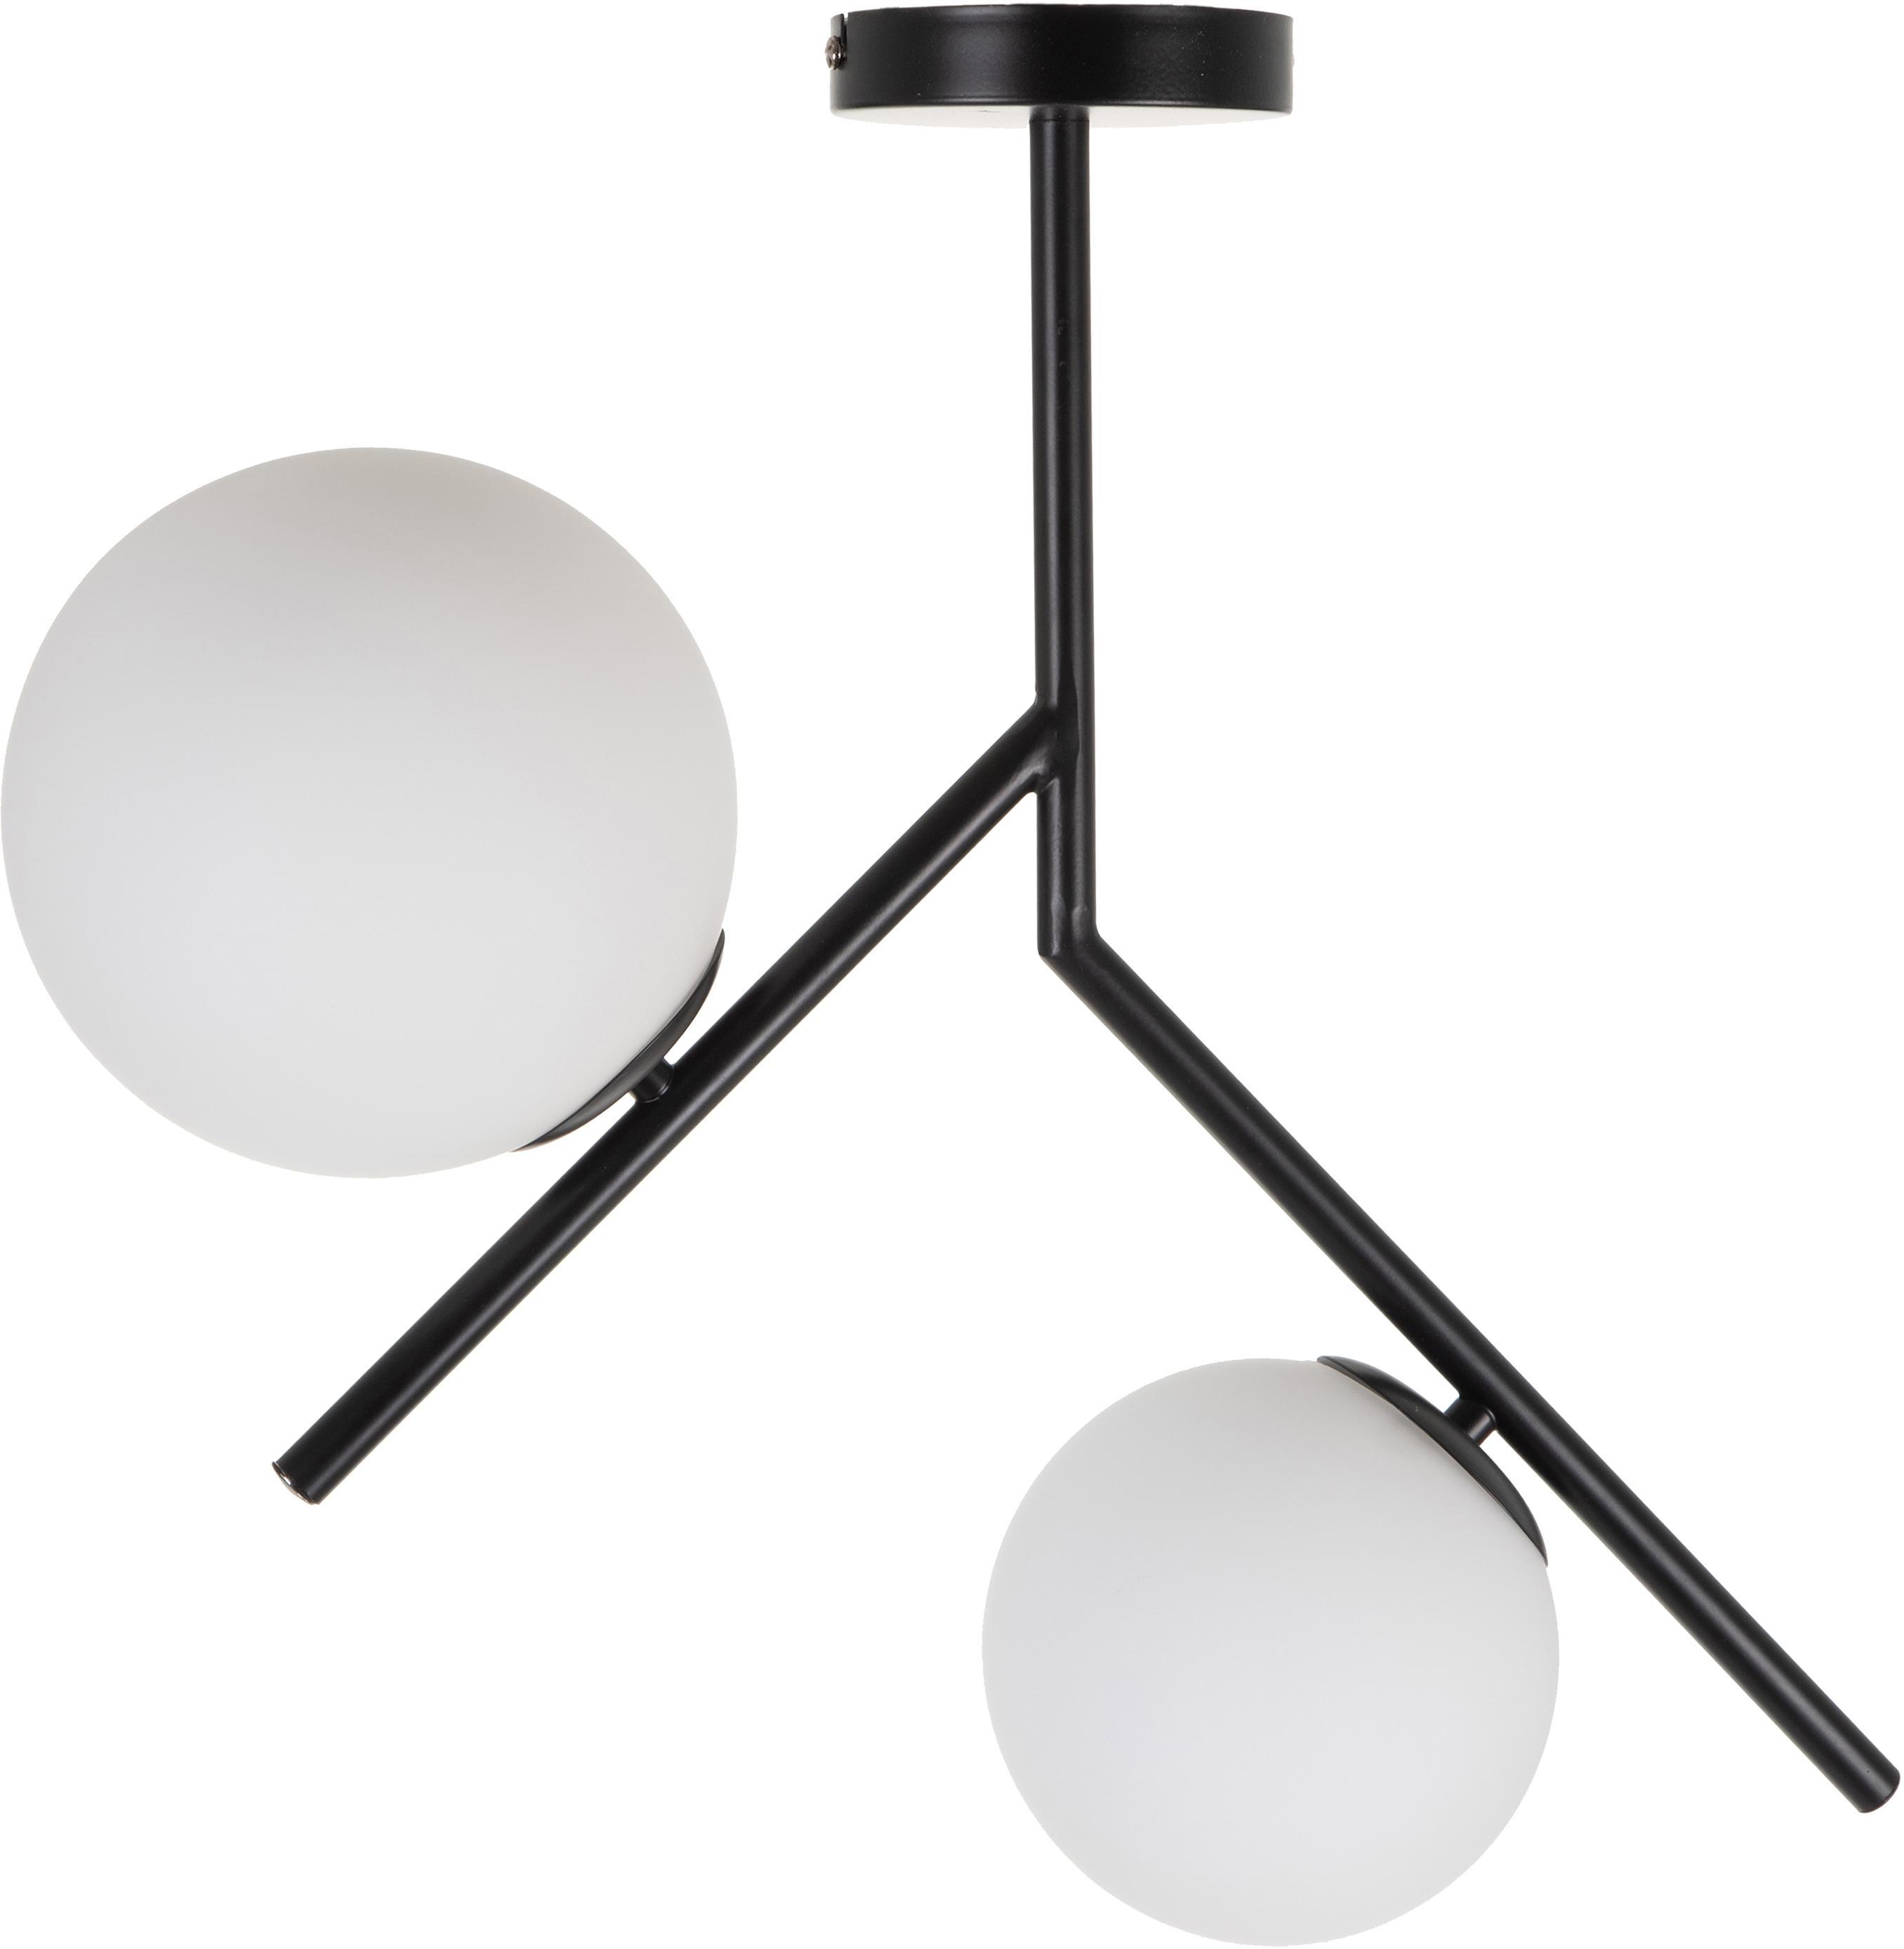 Lampada da soffitto Spheric, Metallo, vetro, Bianco con macchie nere, Larg. 15 x Prof. 58 cm